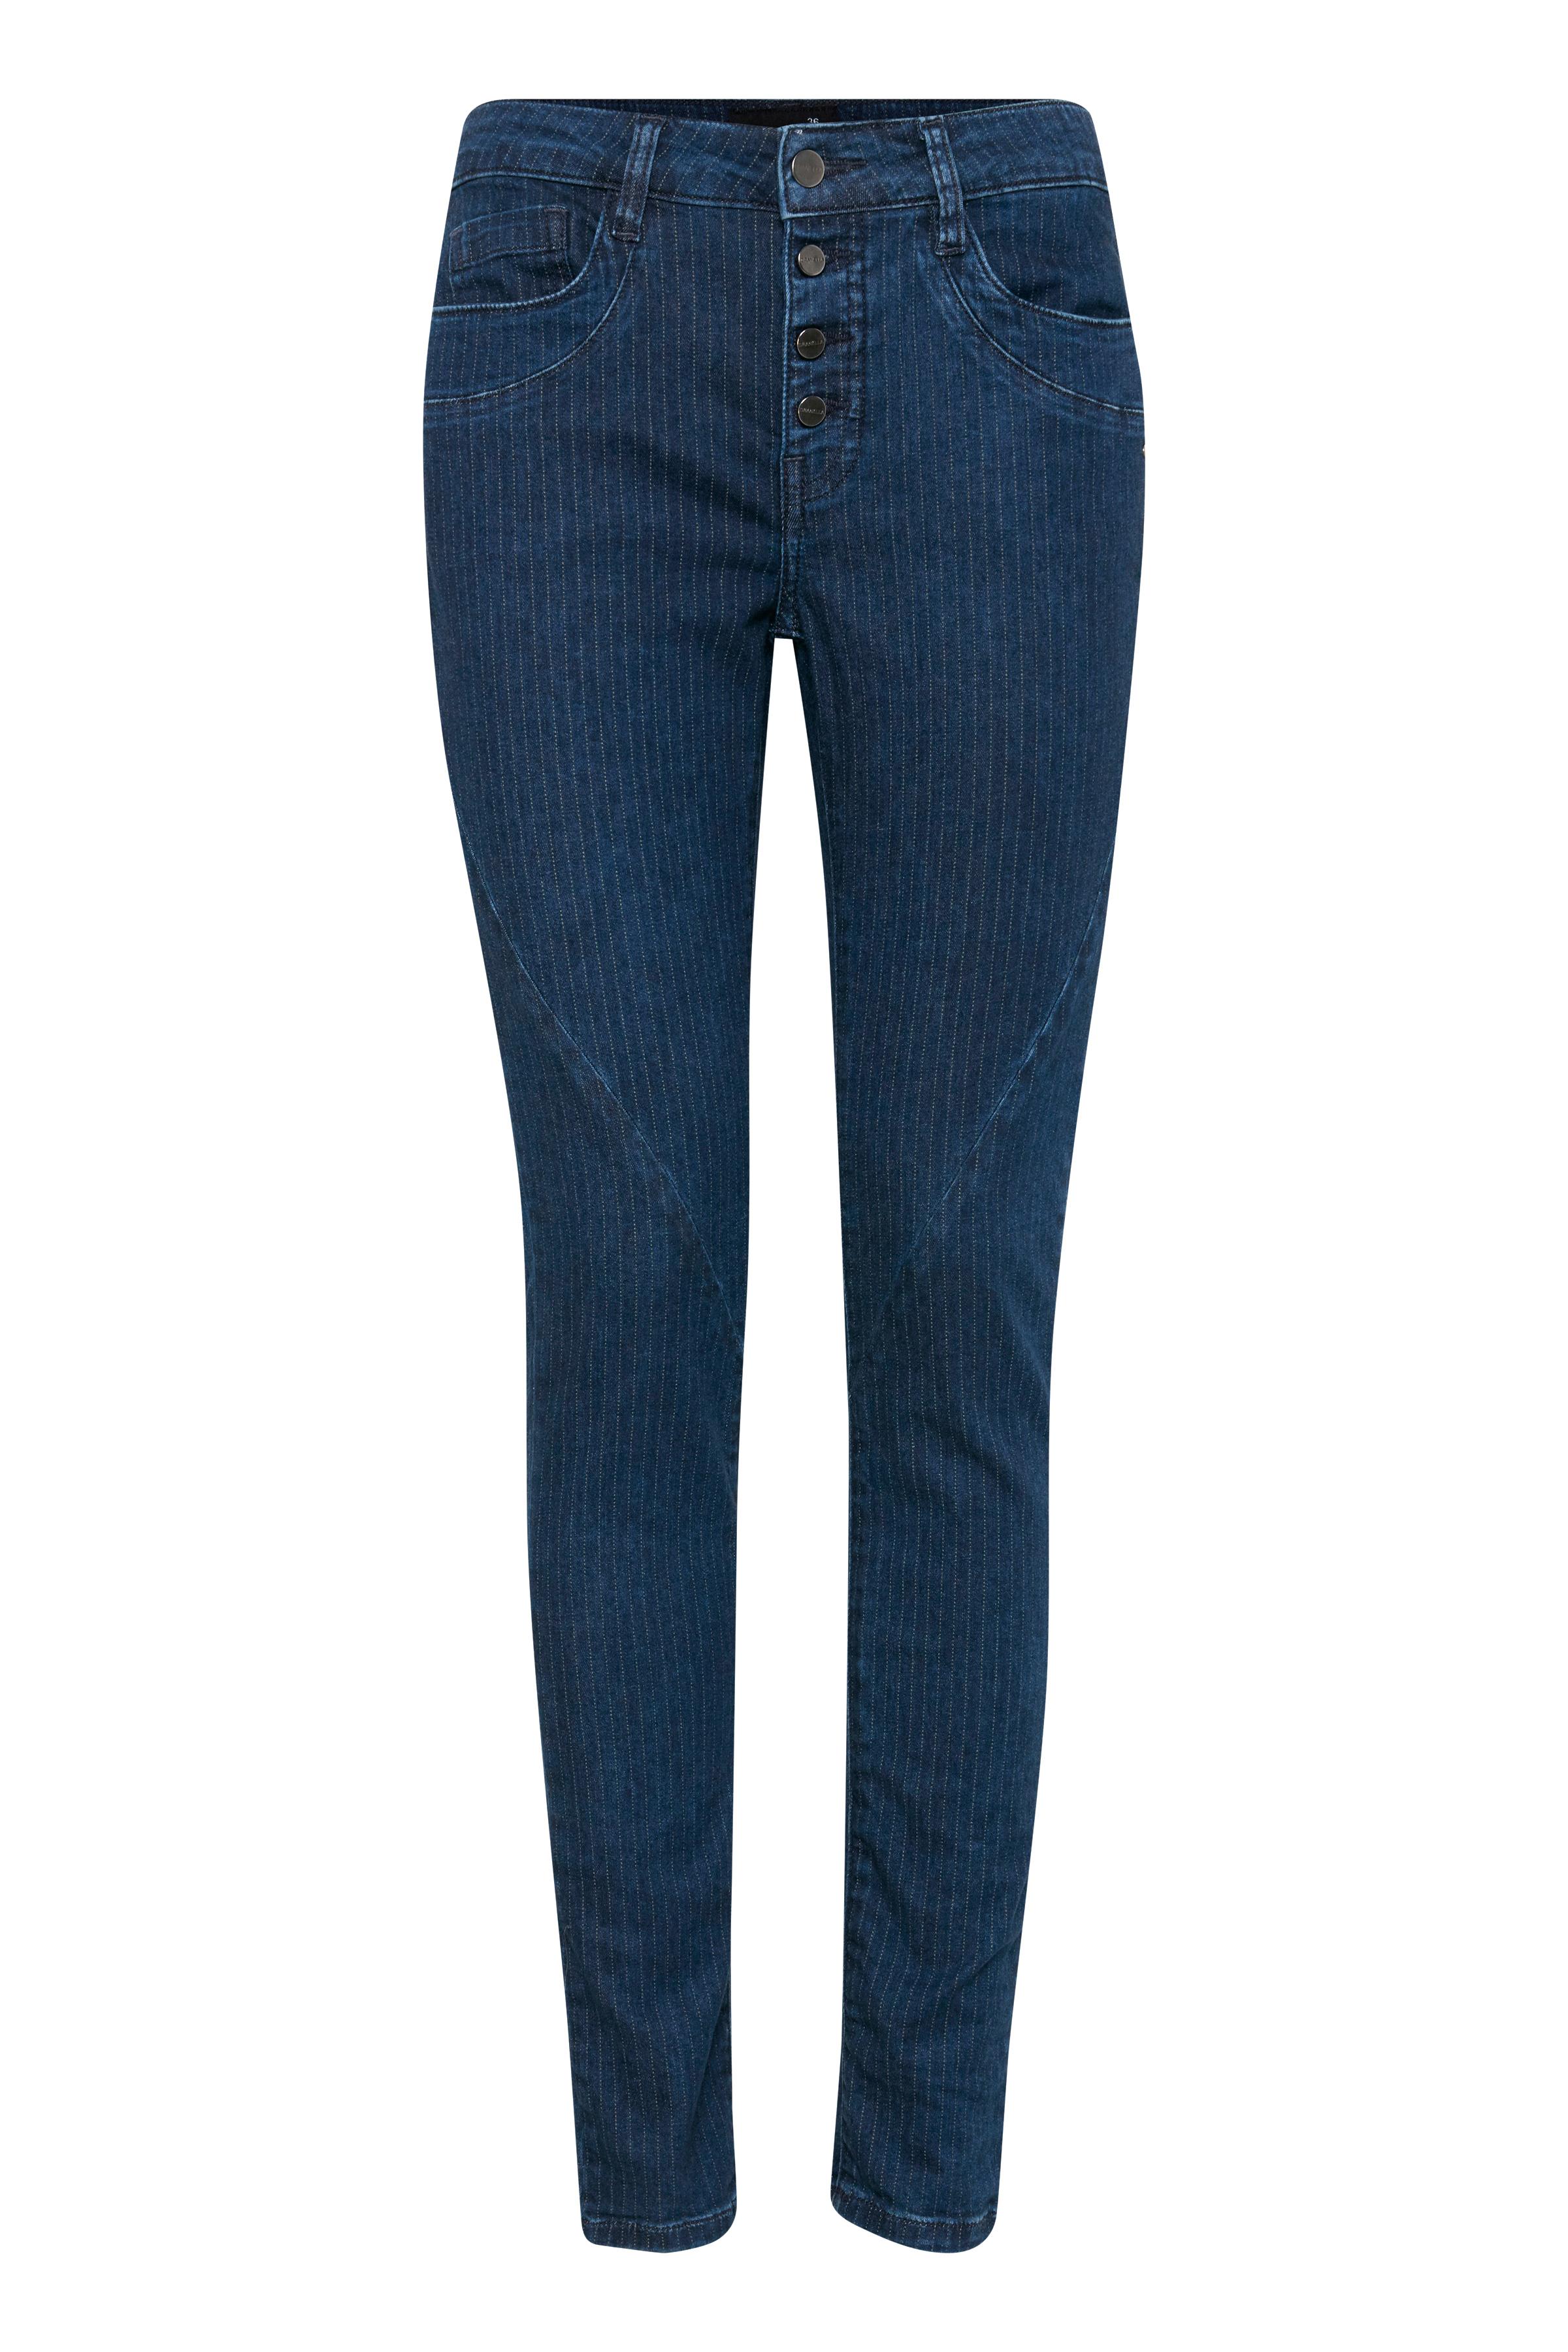 Mørk denimblå/off-white Jeans fra Dranella – Køb Mørk denimblå/off-white Jeans fra str. 32-46 her